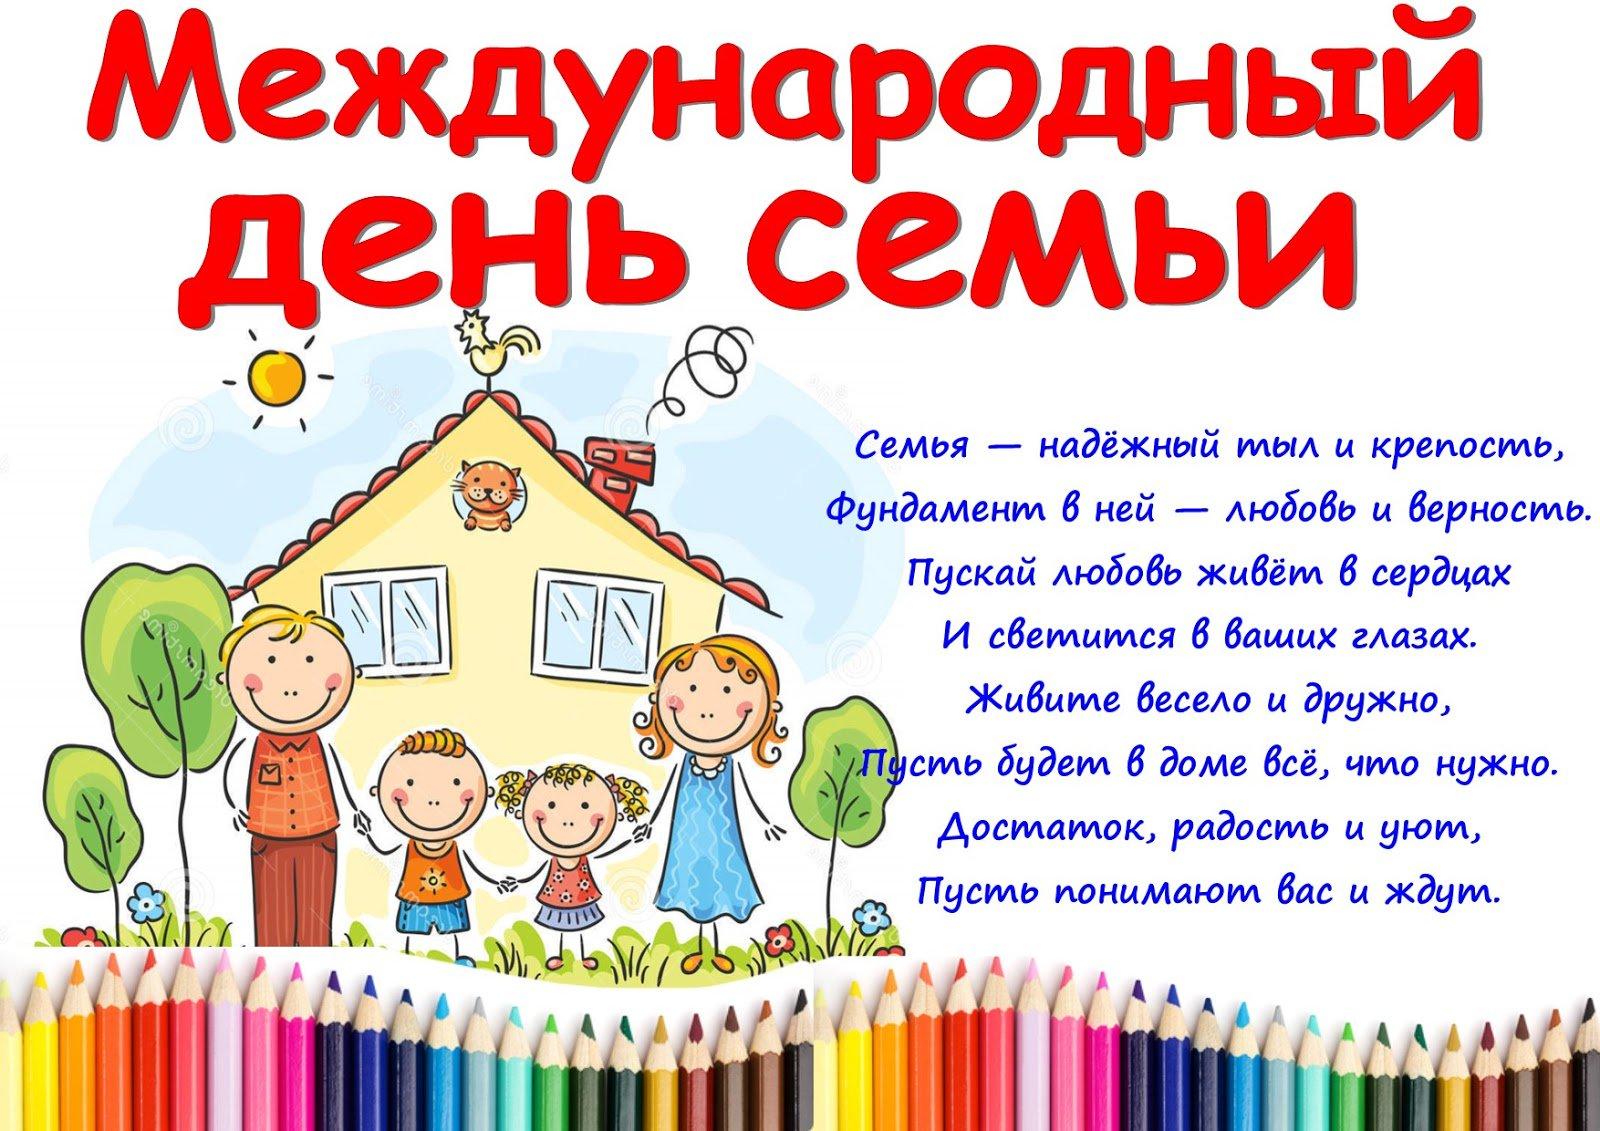 Днем рождения, открытки на 15 мая